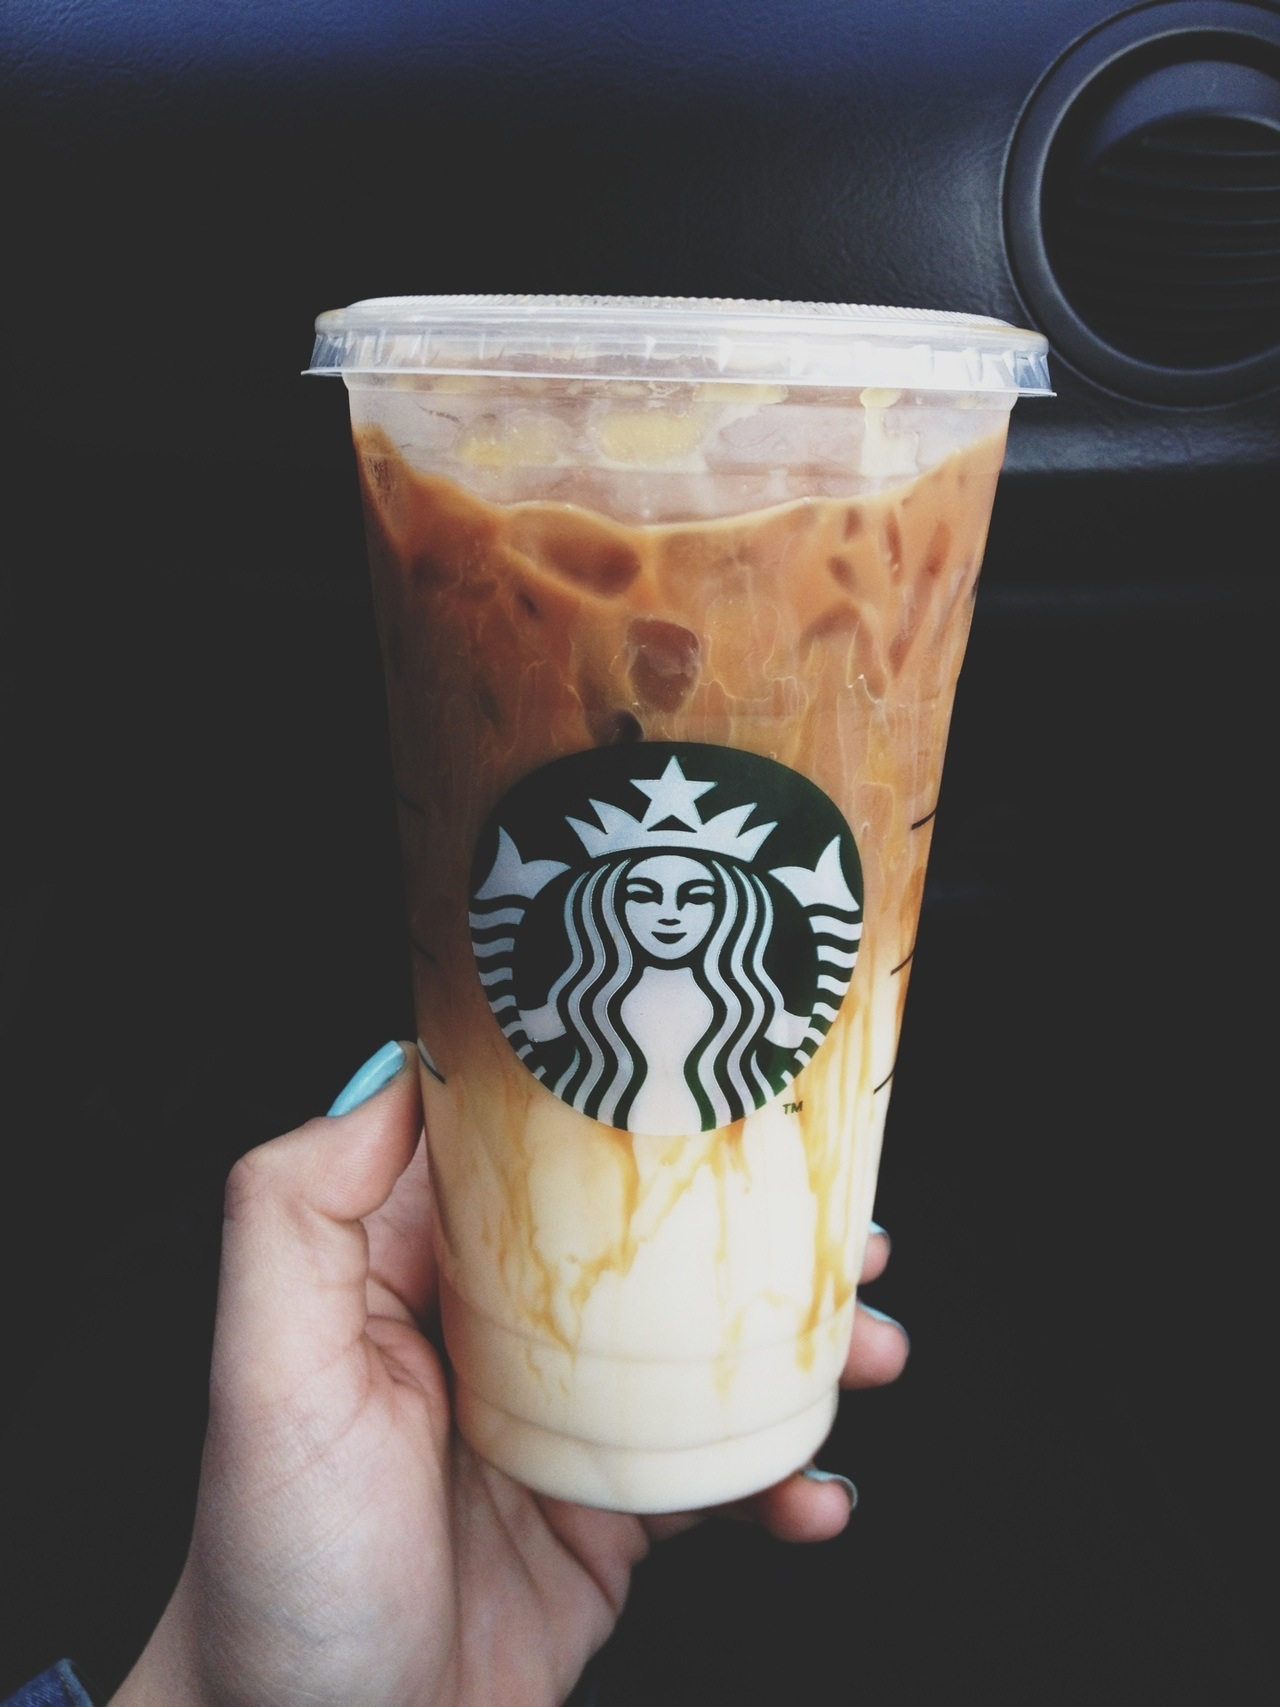 Starbucks Deutschland Getränke:) (Lifestyle, Stuttgart, America)